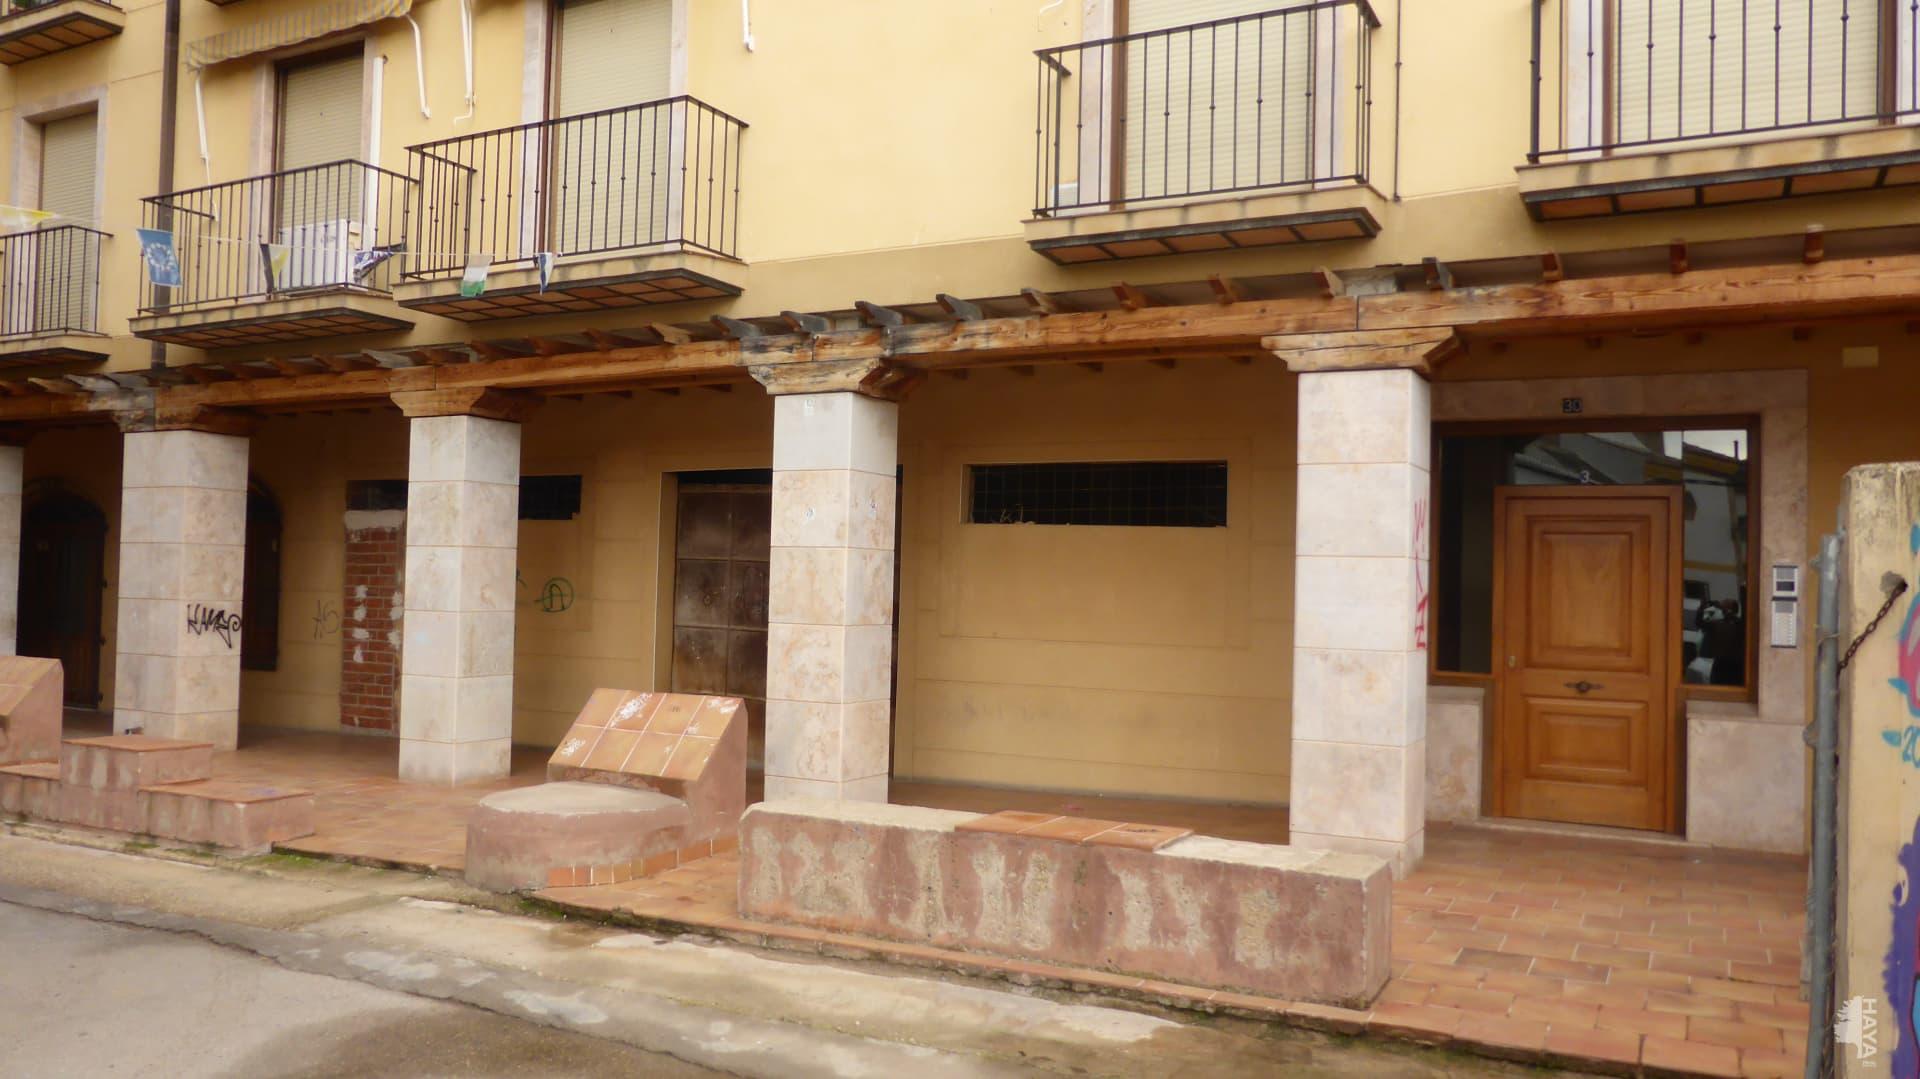 Local en venta en Herencia, Ciudad Real, Calle Mesones, 31.000 €, 111 m2